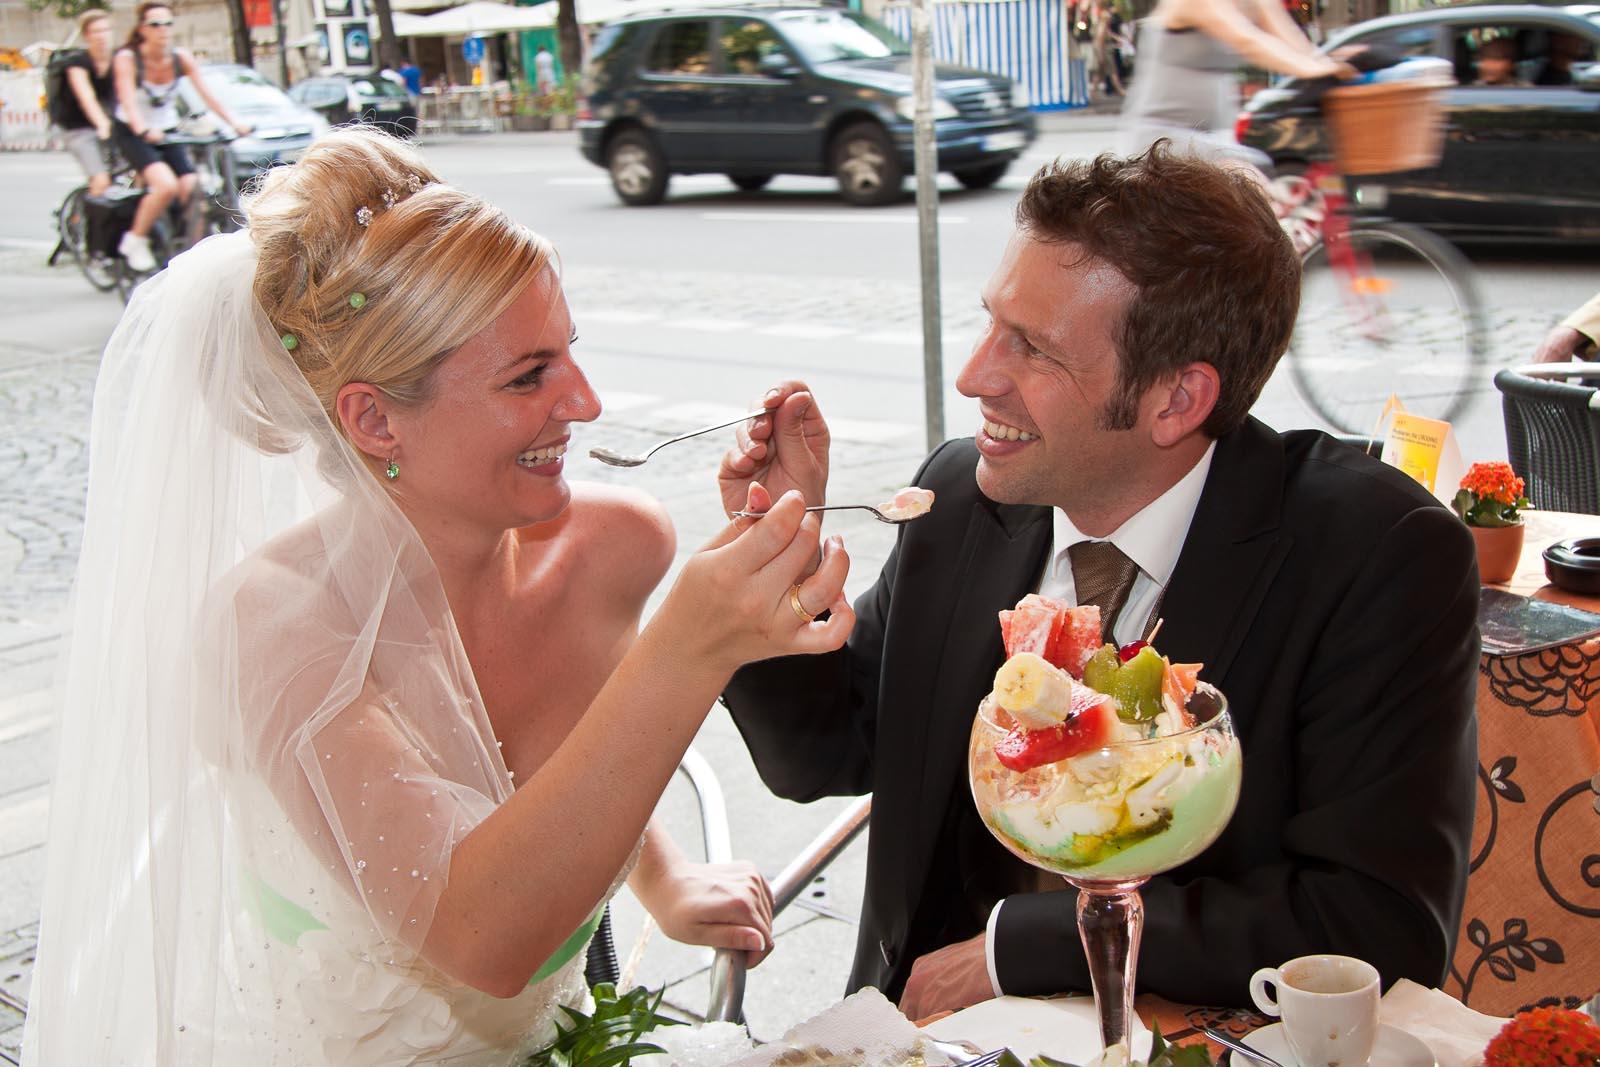 Hochzeitsportraits-Bindl-Hochzeitsportraits-Bindl-8820.jpg